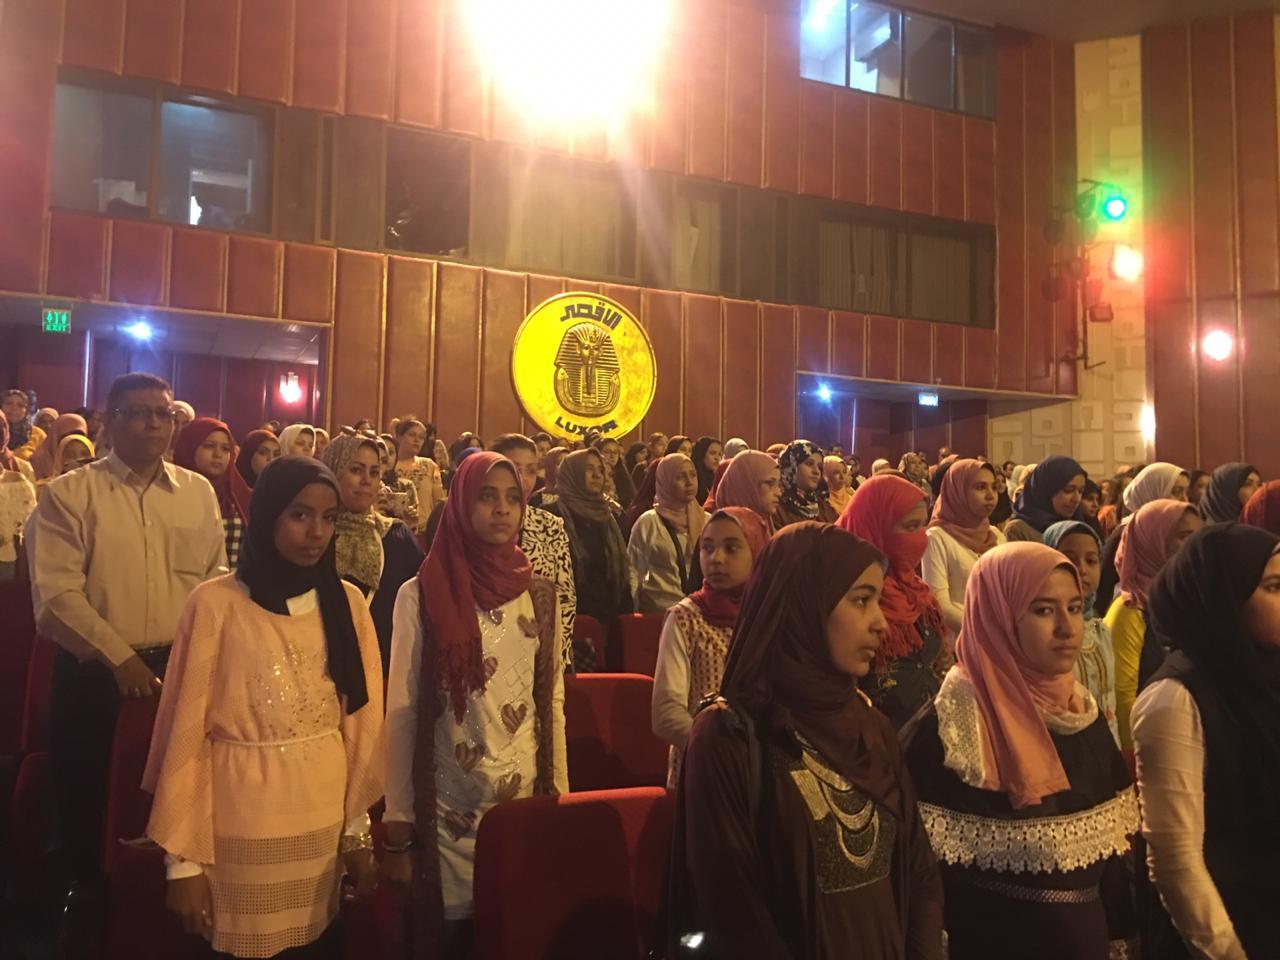 القومي للمرأة بالأقصر ينظم مؤتمر لتوعية السيدات بأهمية المشاركة في التصويت بالتعديلات الدستورية  (3)